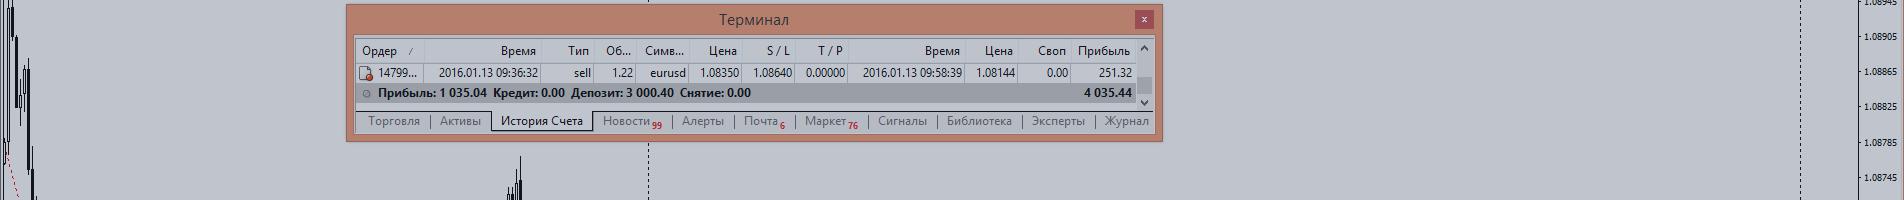 EURUSD ТОРГОВЫЙ ОТЧЕТ 13.01.2016